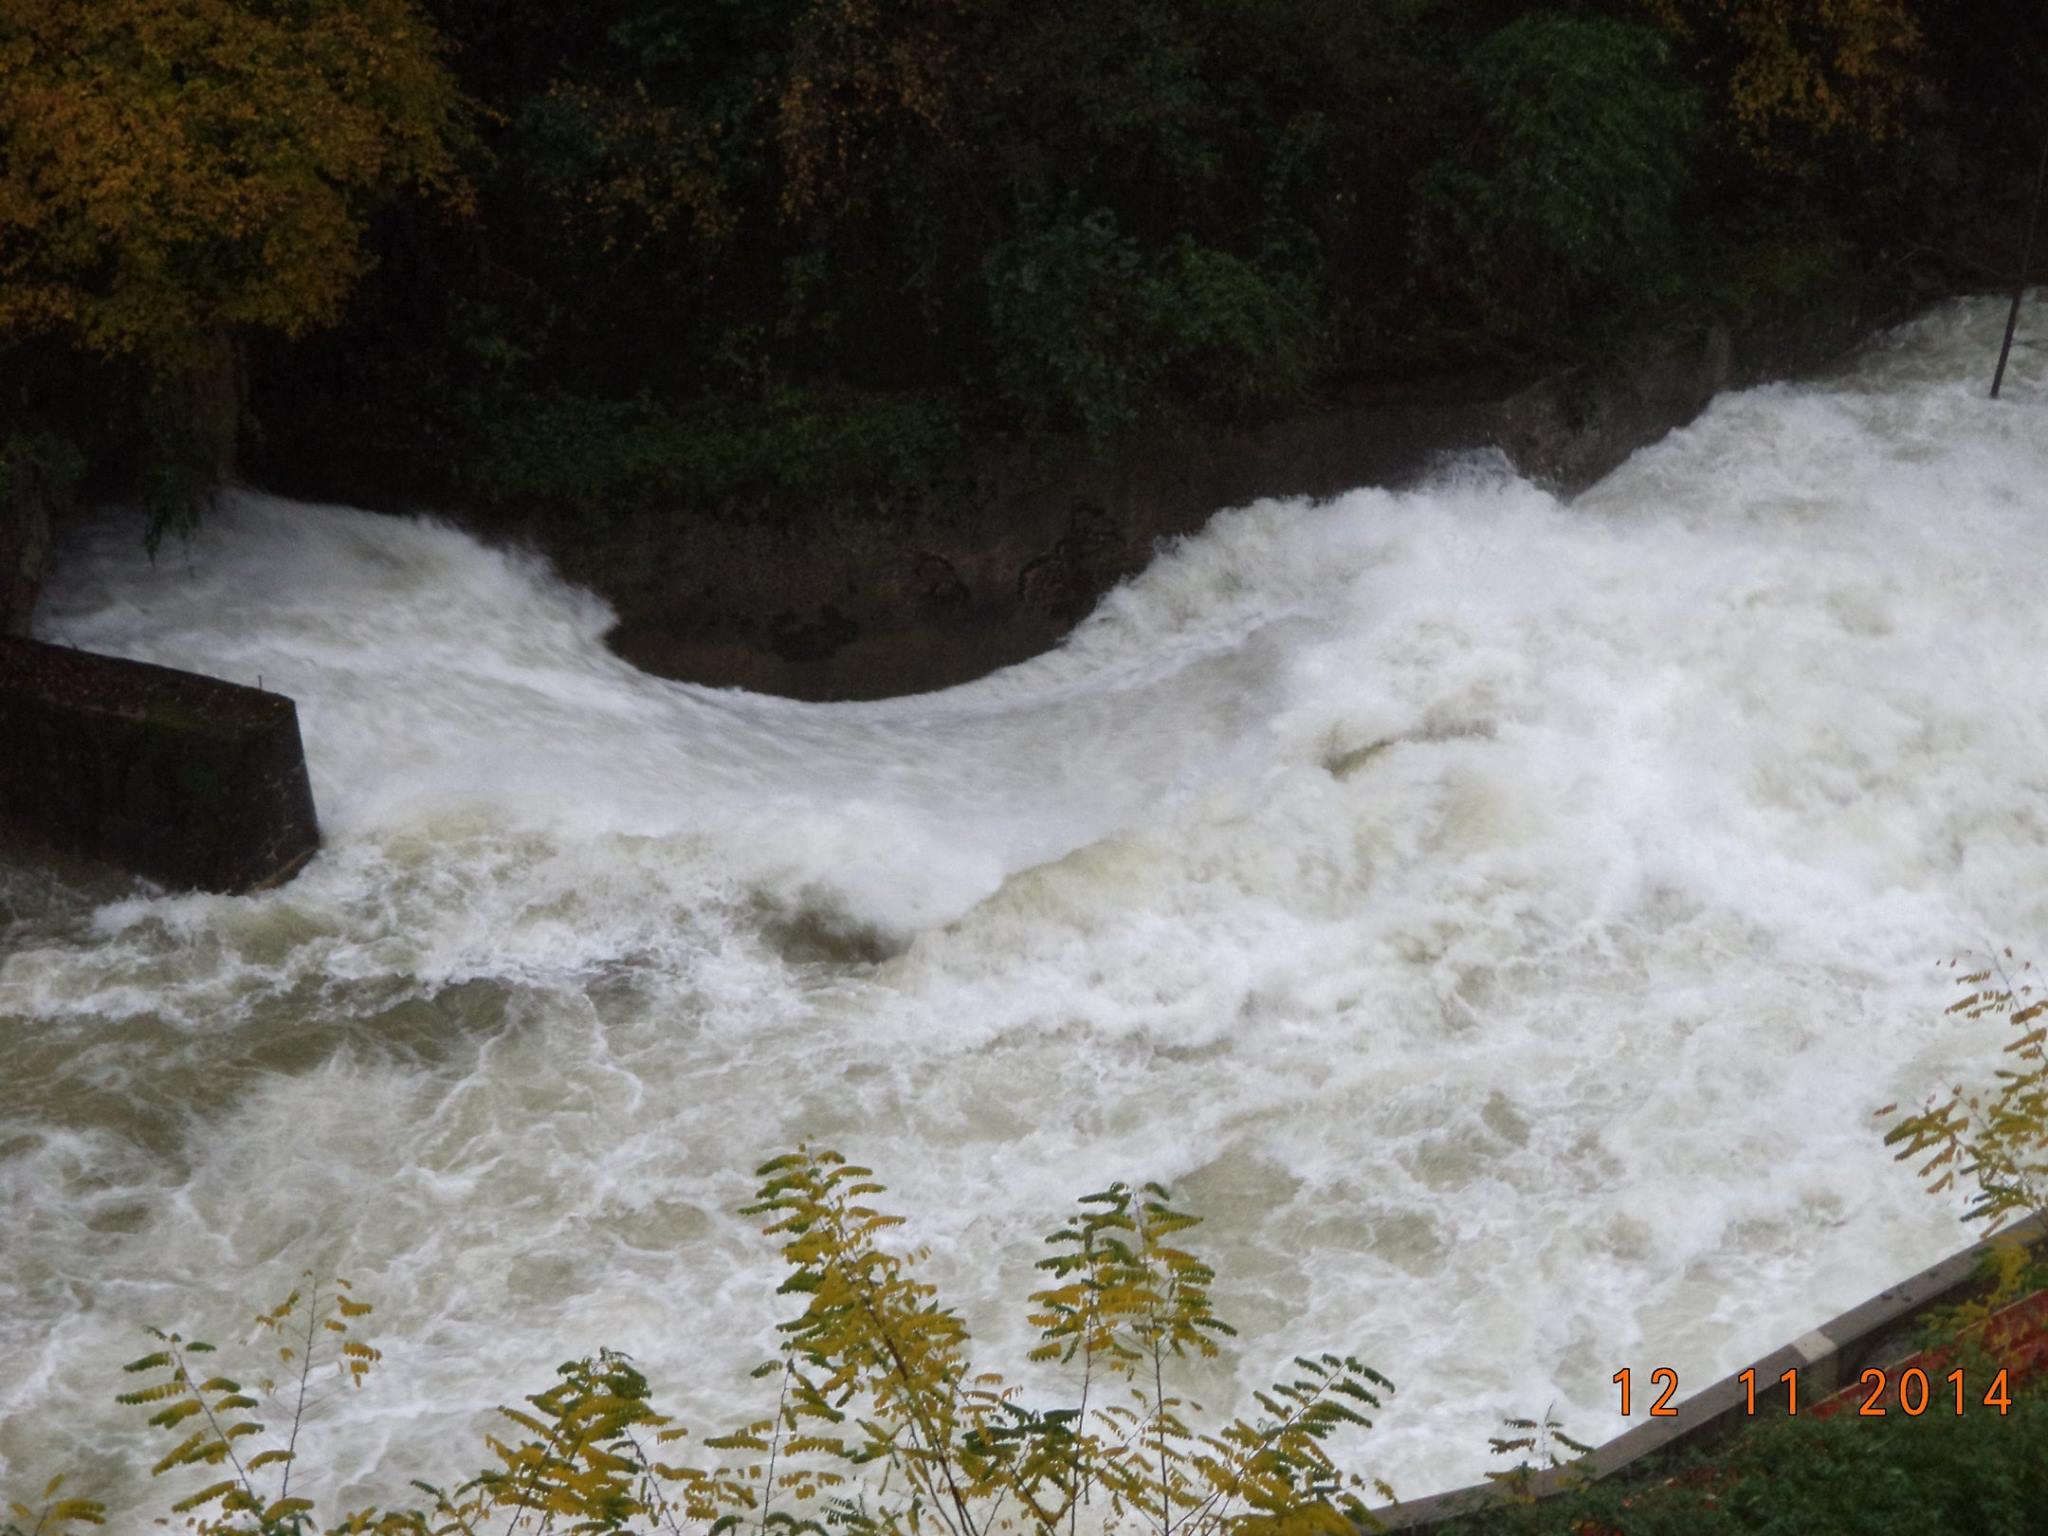 La situazione sulla diga di Creva (Foto © Pietro Agostinelli)